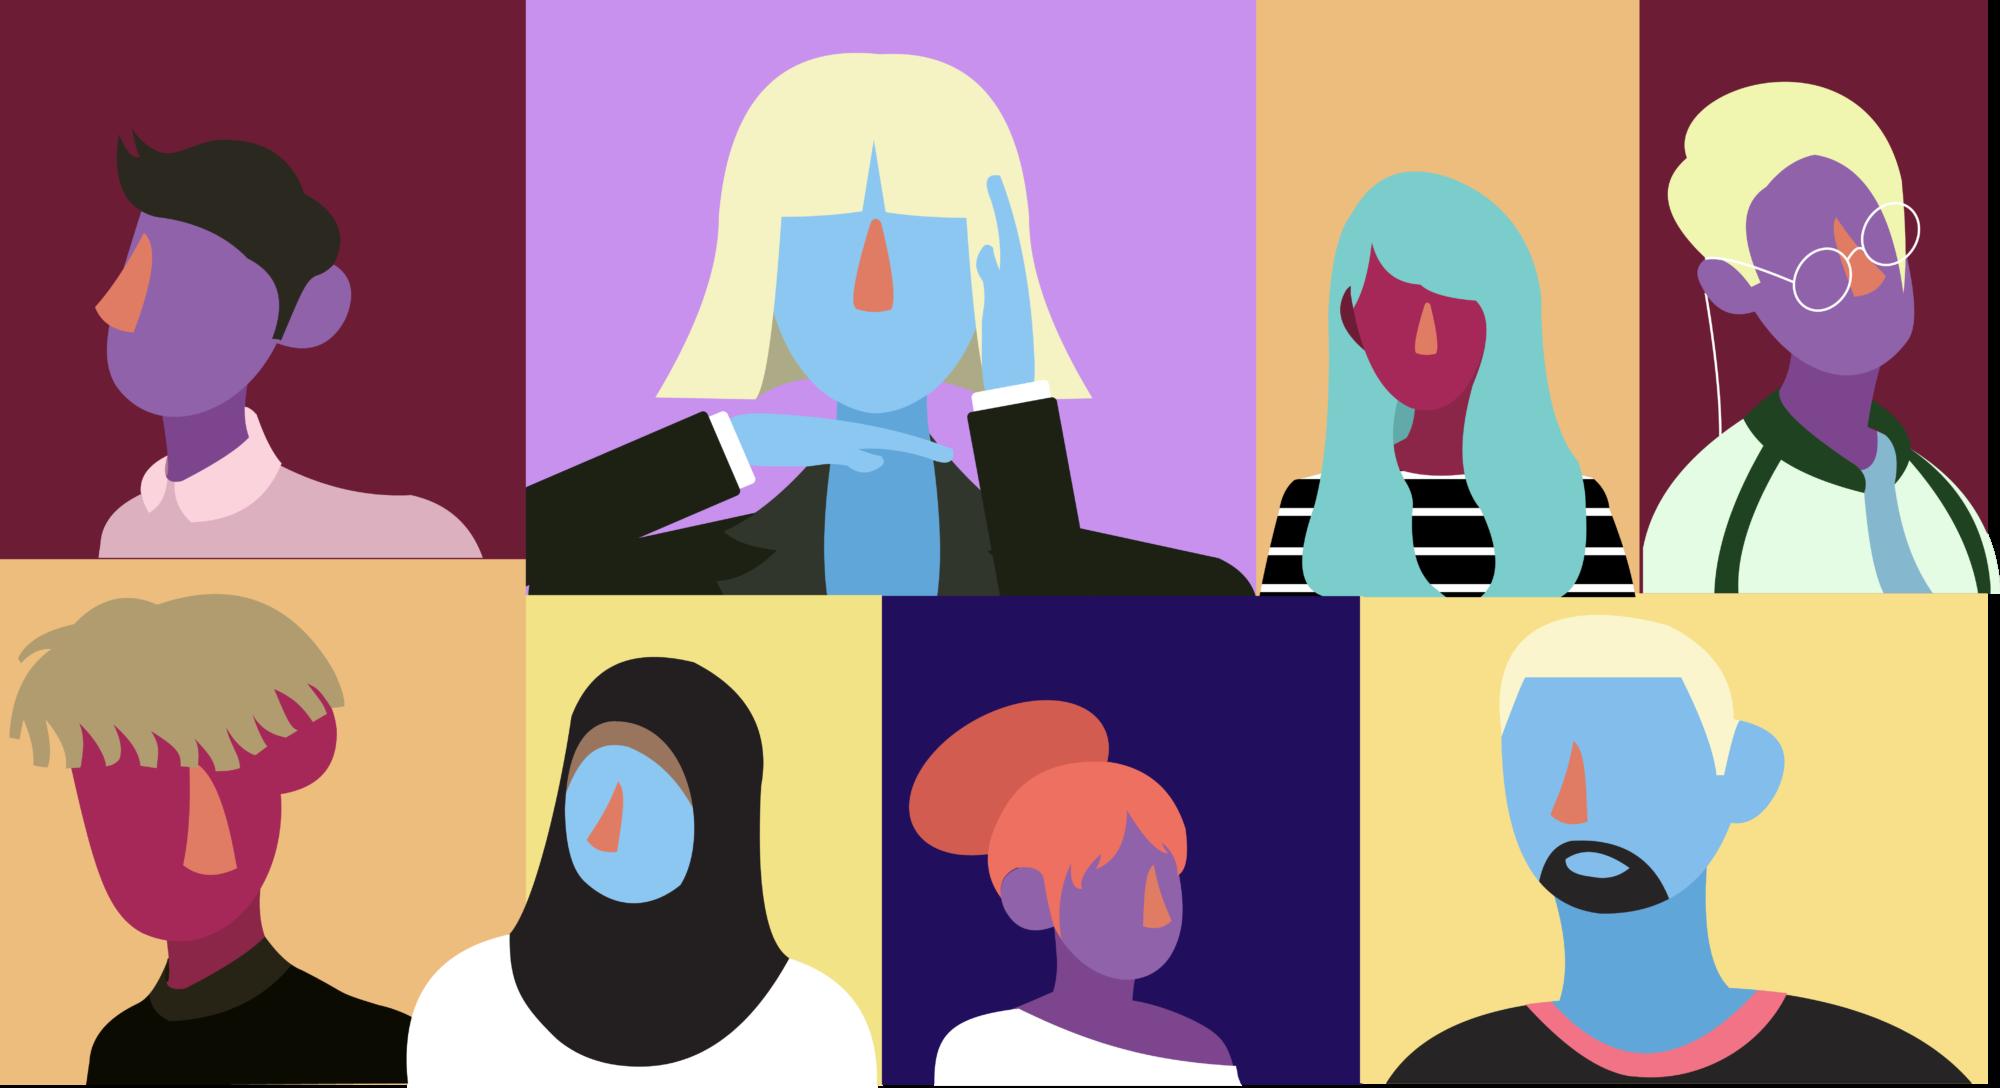 Tecknat porträtt på ett antal personer